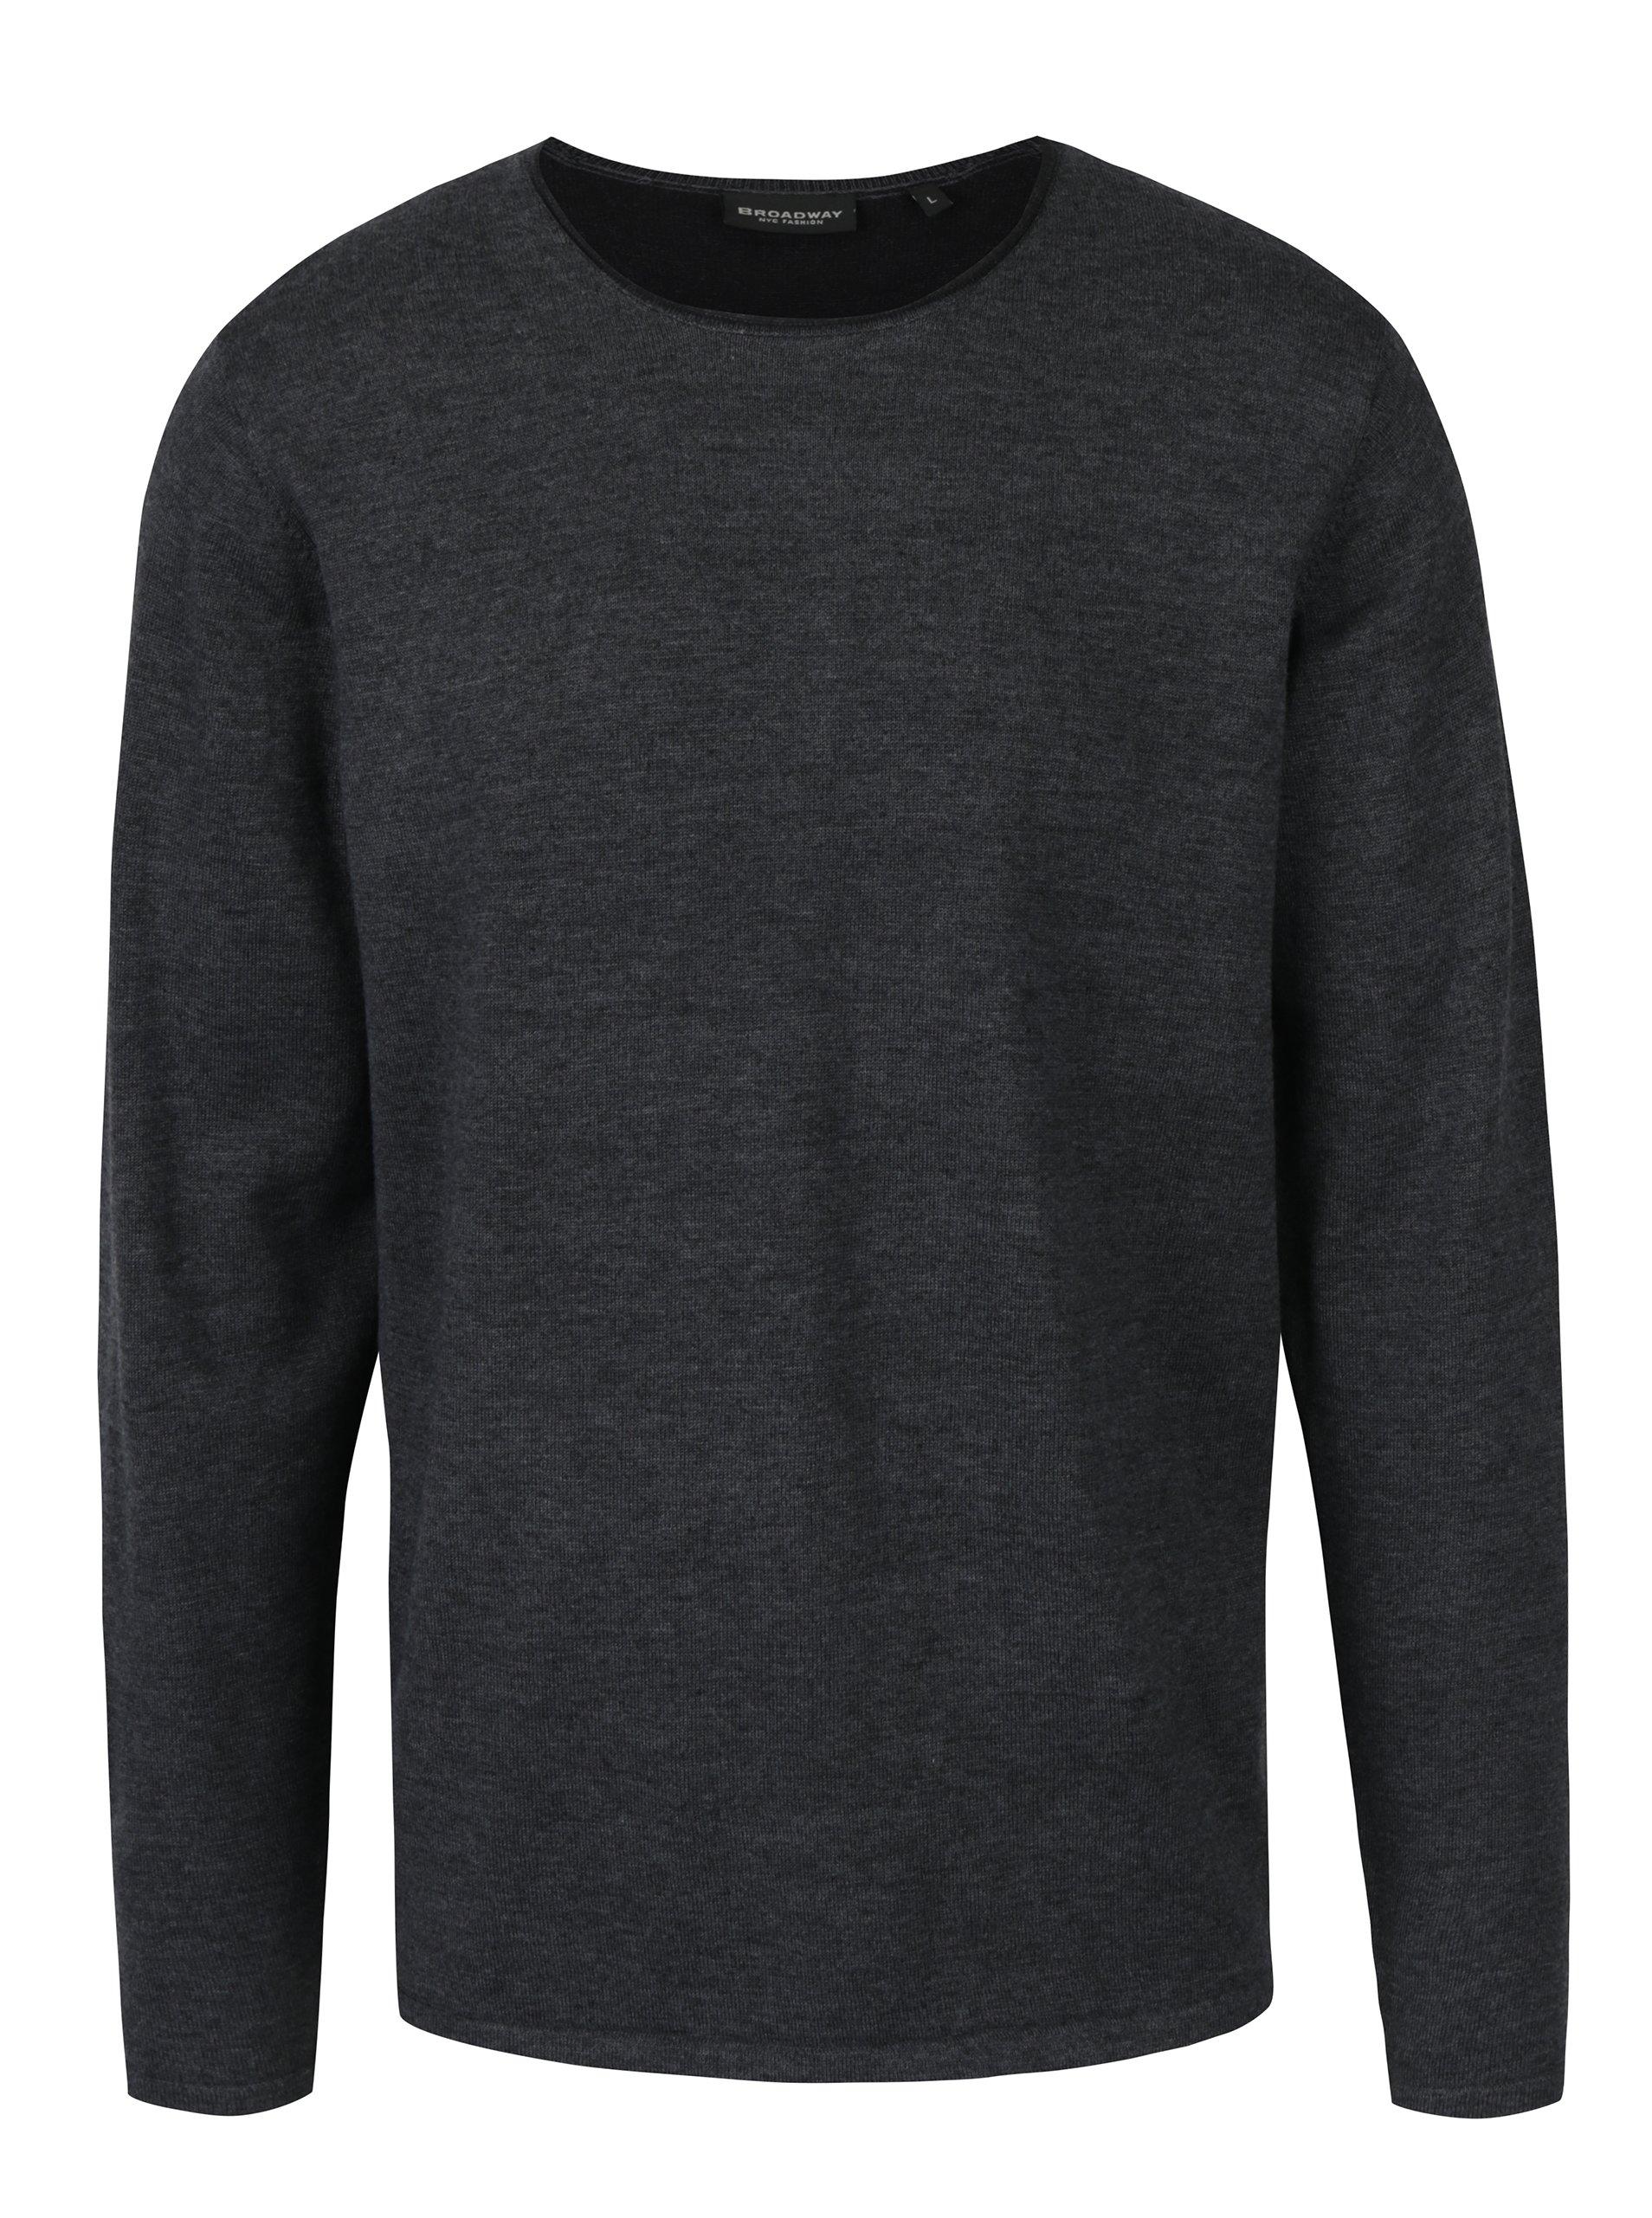 Tmavě šedý pánský lehký svetr Broadway Nicolaas